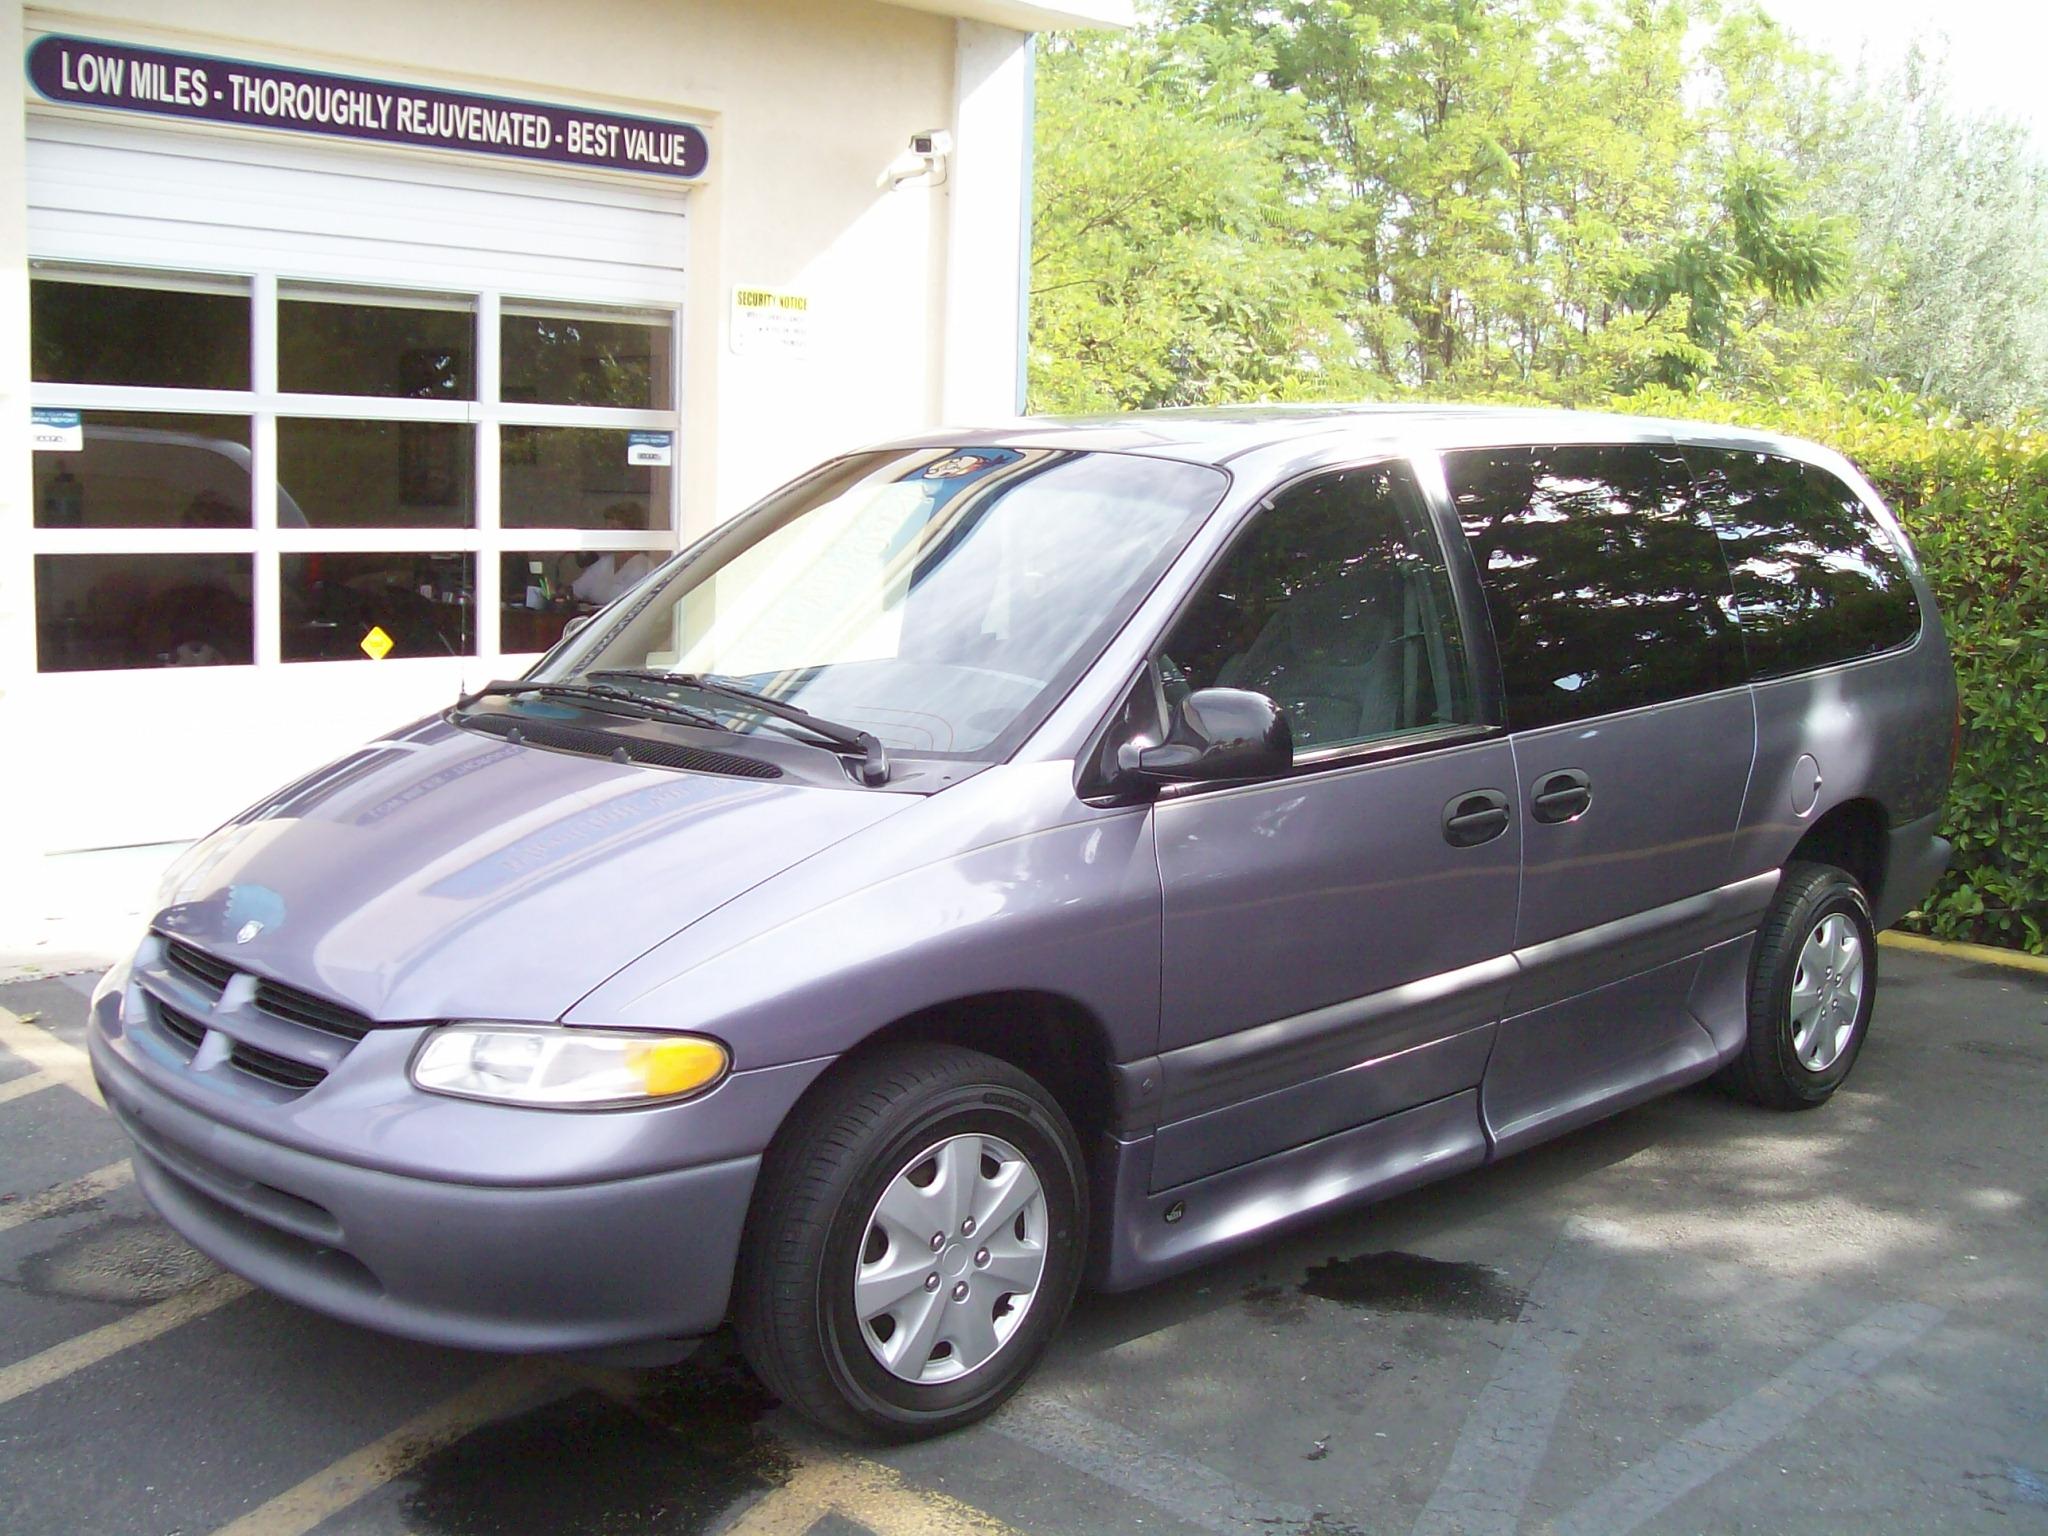 1998 dodge caravan vmi vantage conversion 71 000 actual miles current price 13 900 includes warranty